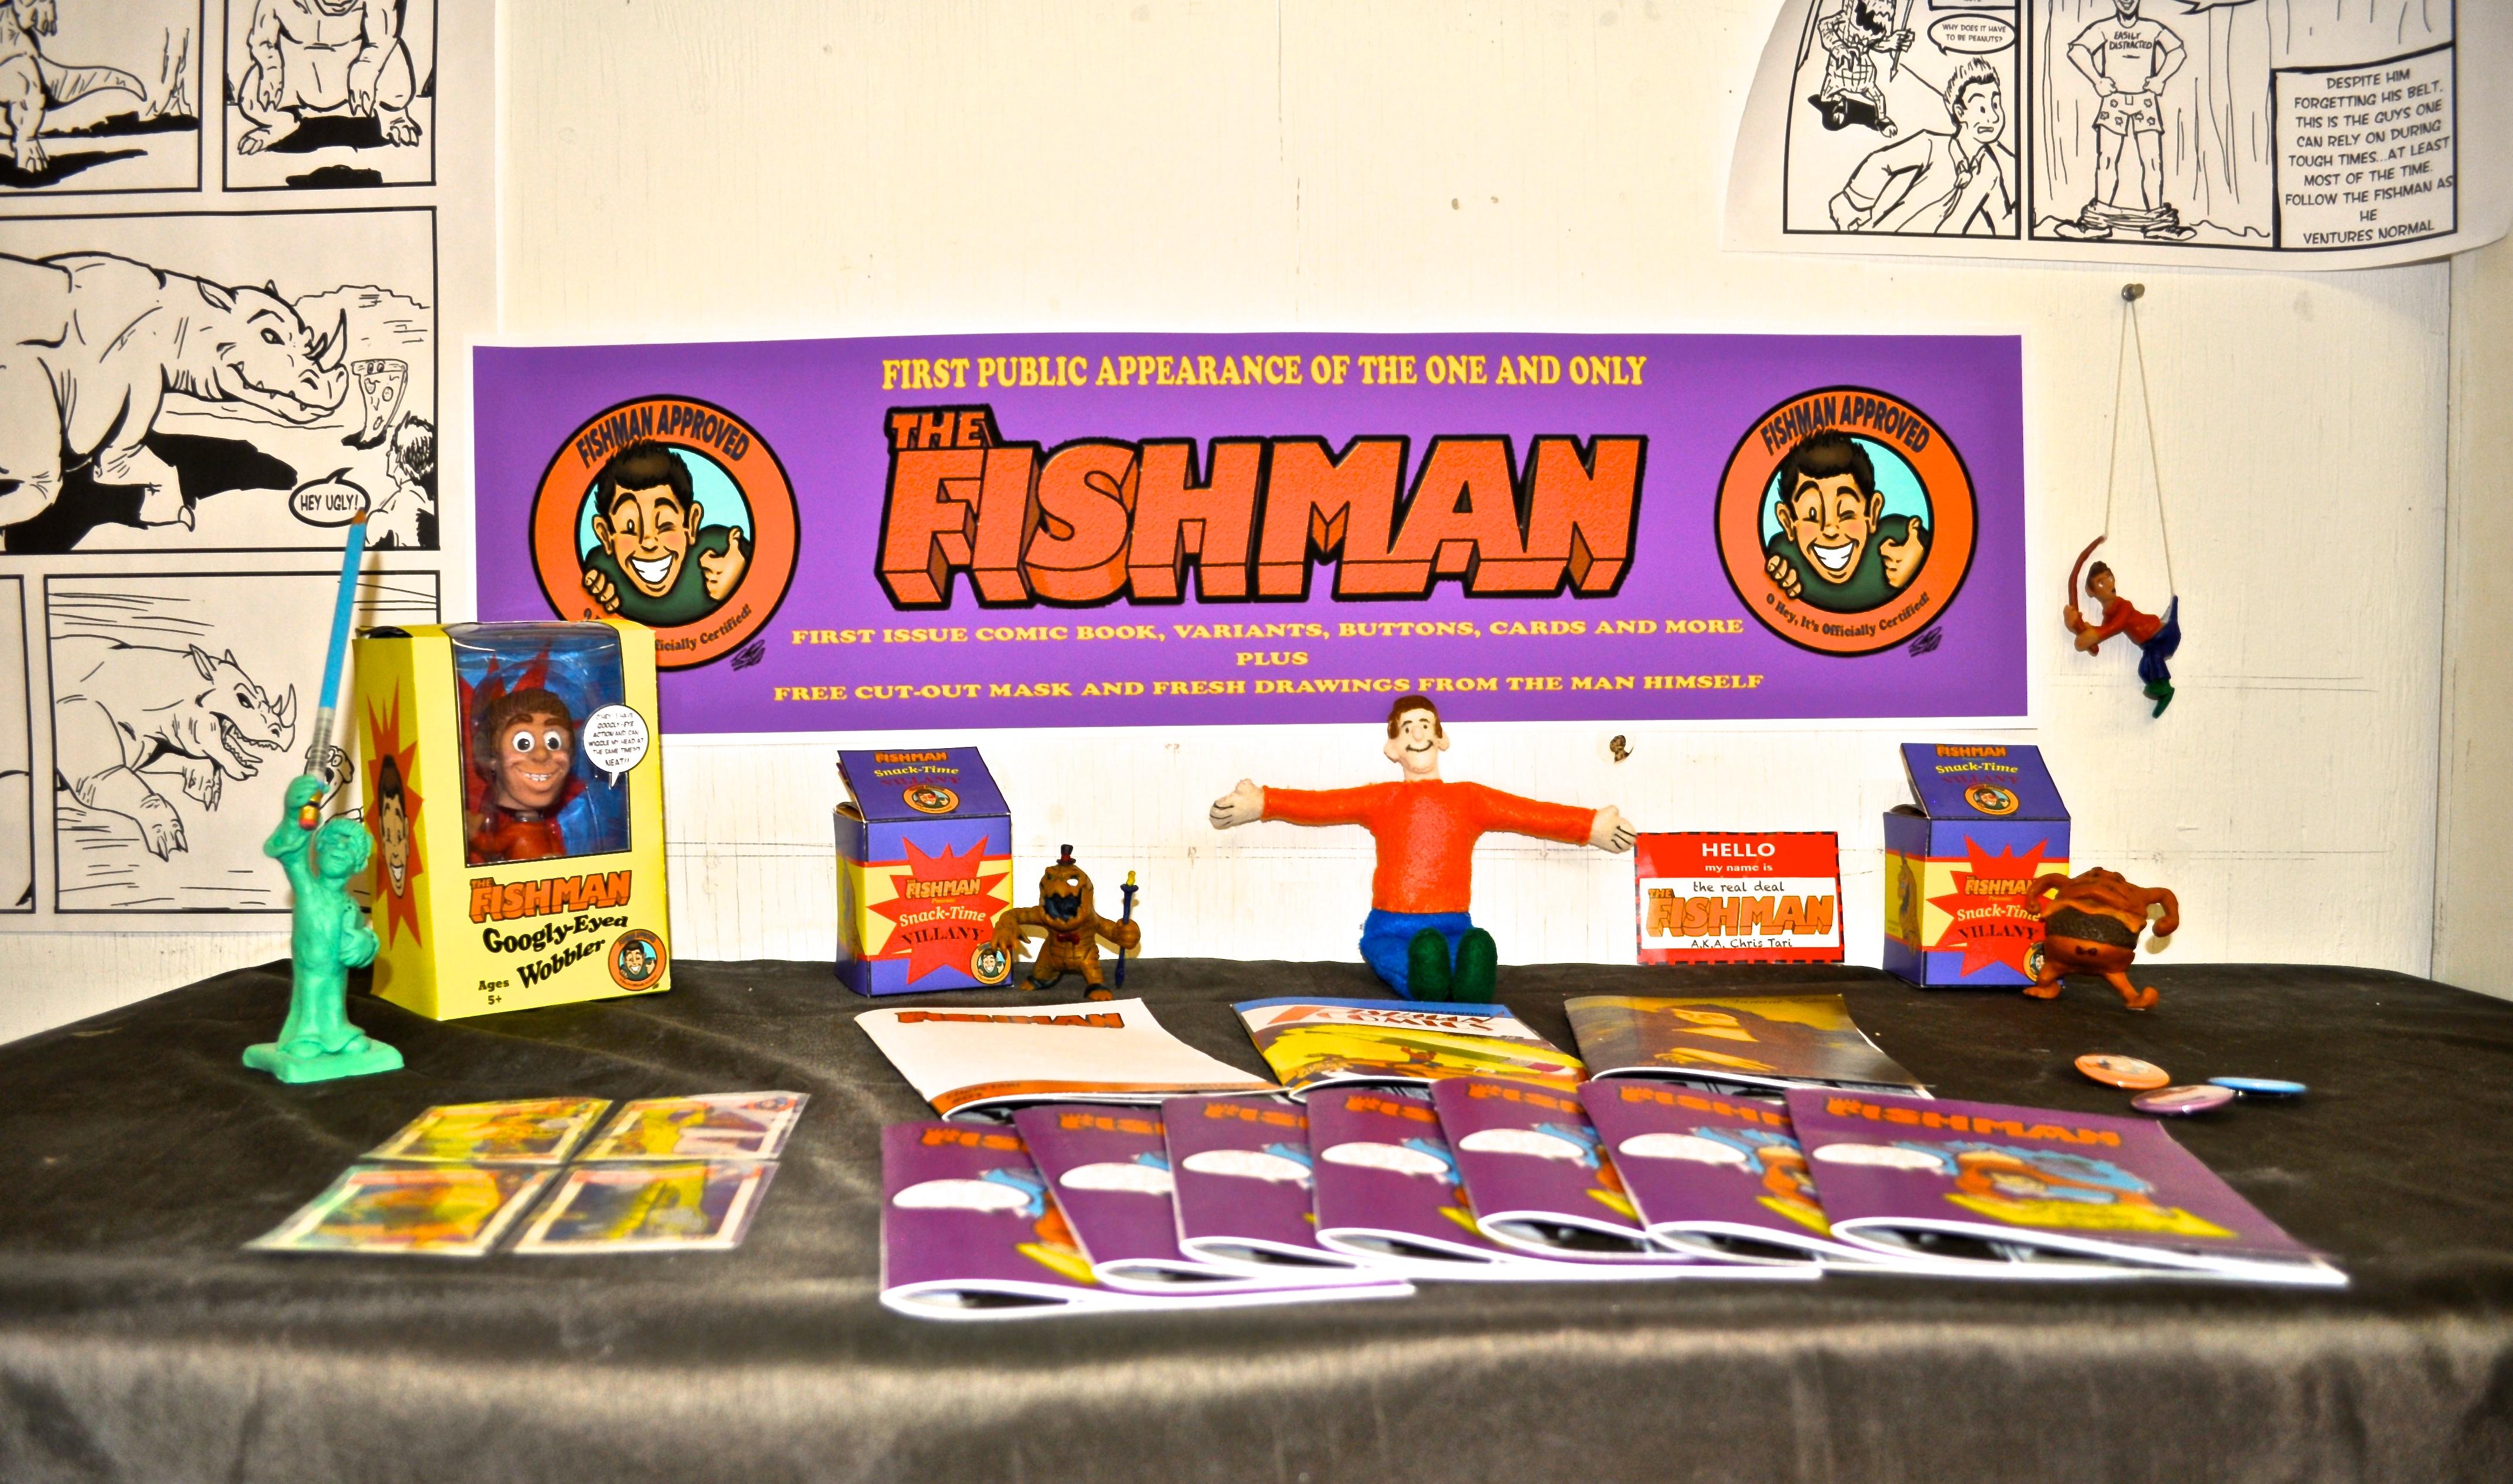 Fishman Display (Version 2)